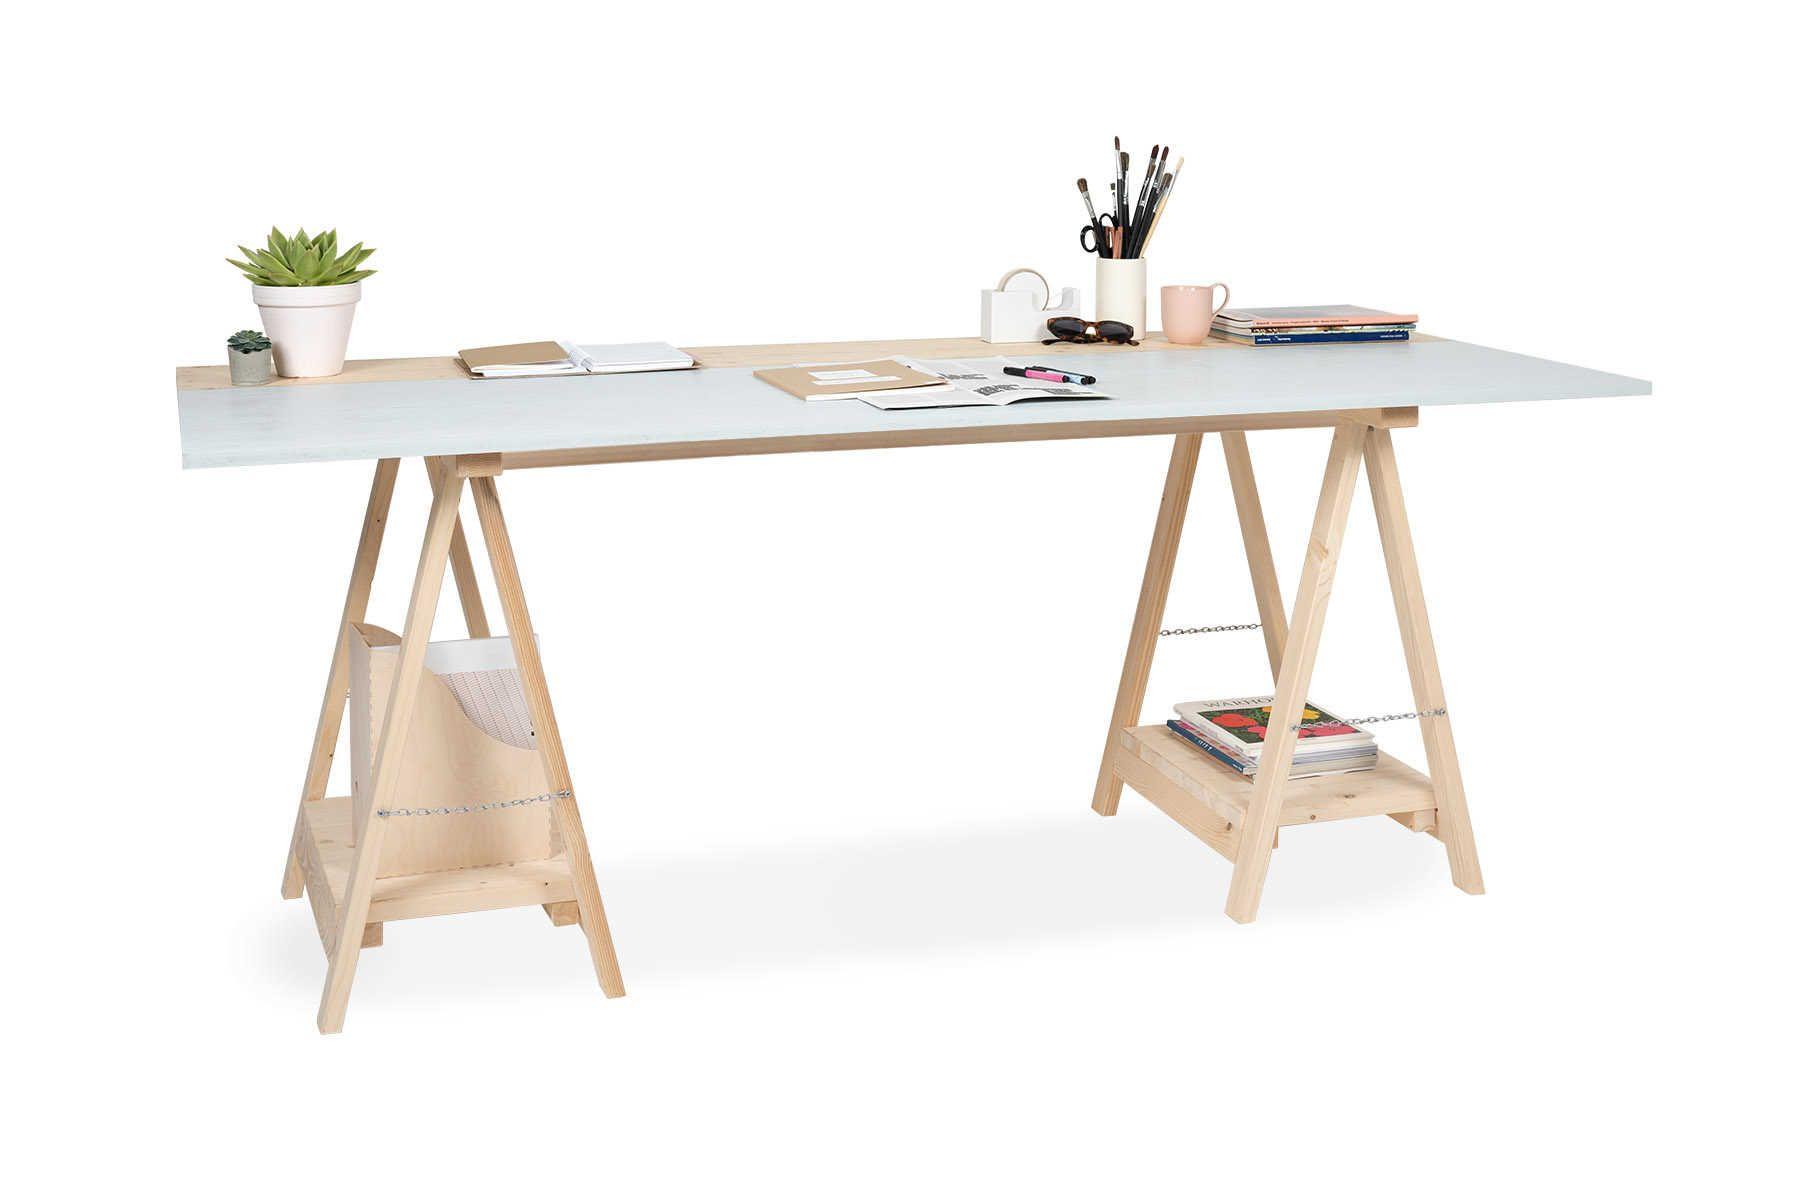 Tisch Arne Create By Obi Tischbock Tischplatten Holz Zuschnitt